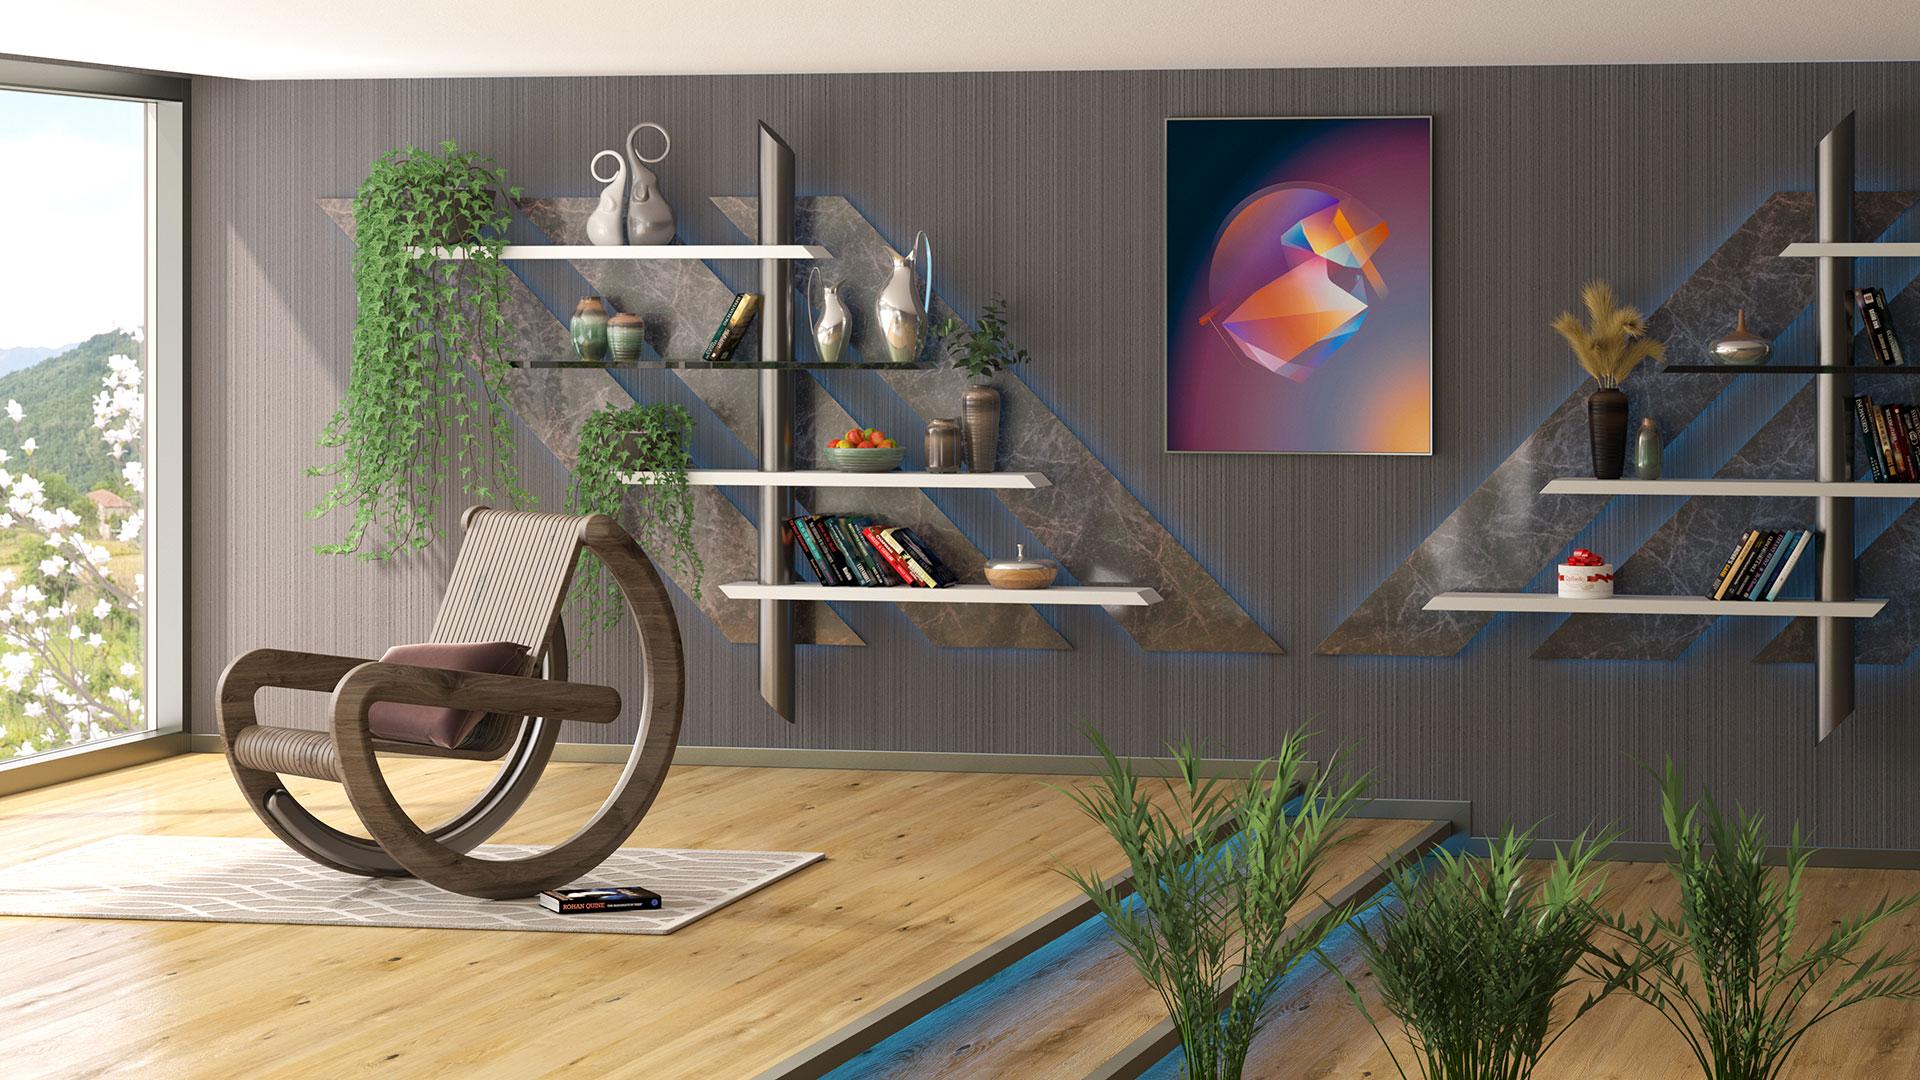 Equilibrium rocking chair by Adam Edward Design